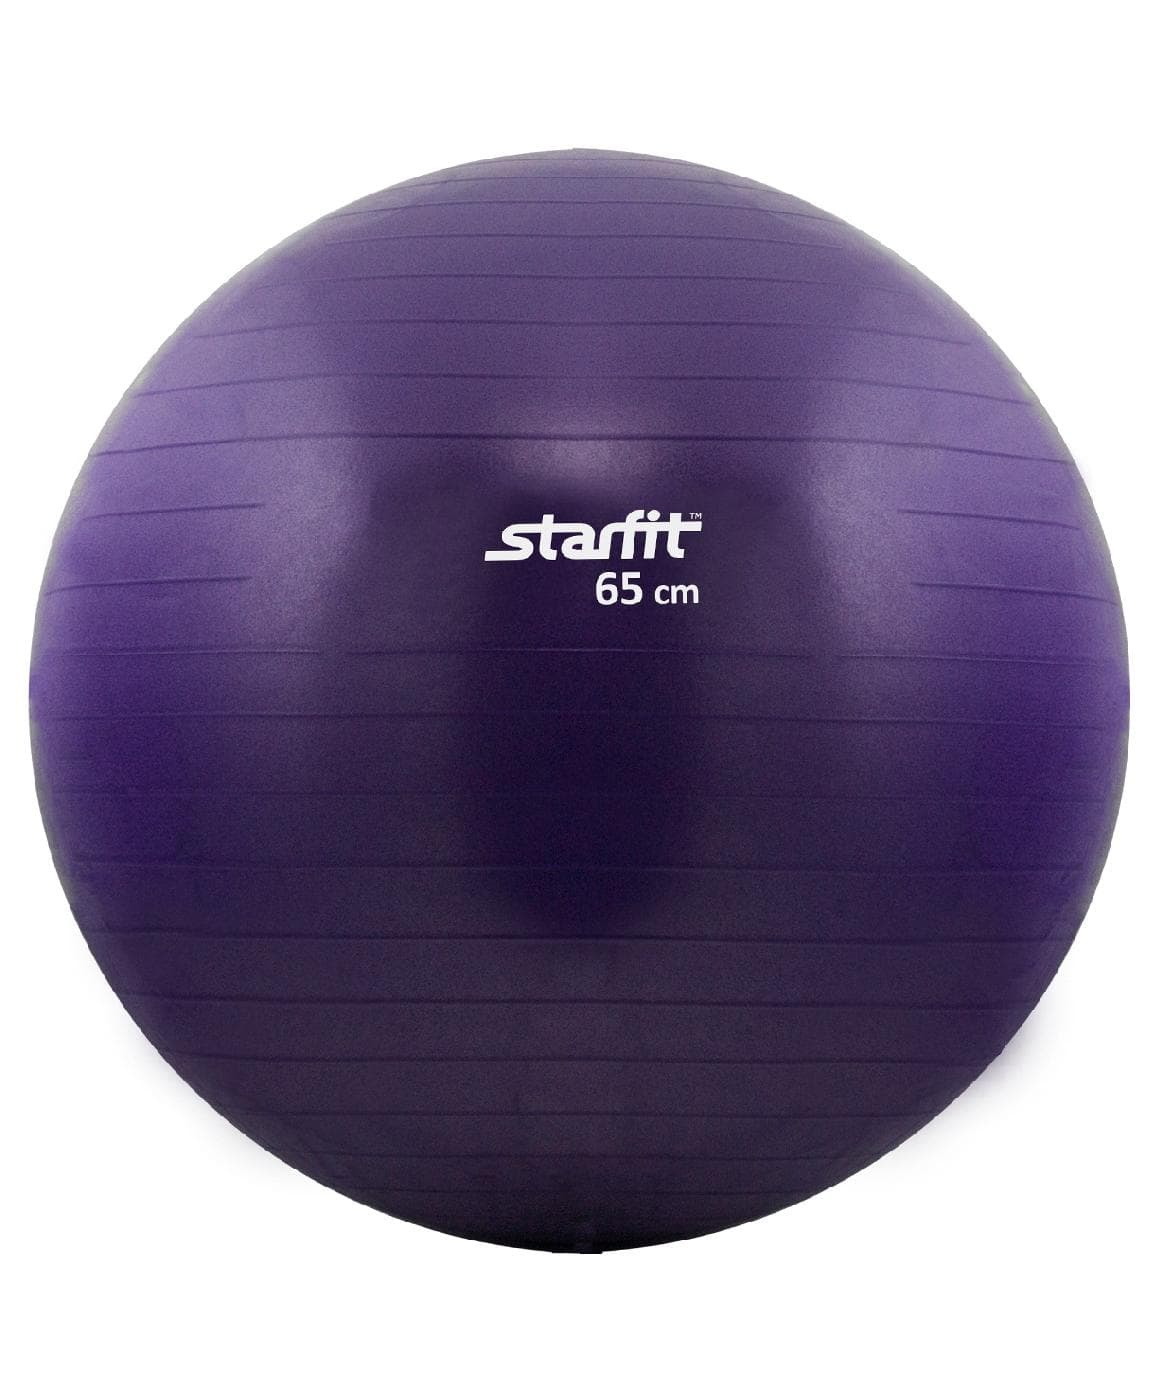 Мяч для фитнеса Starfit Мяч гимнастический GB-101 65 см, антивзрыв, фиолетовый мяч для фитнеса starfit мяч для пилатеса фиолетовый